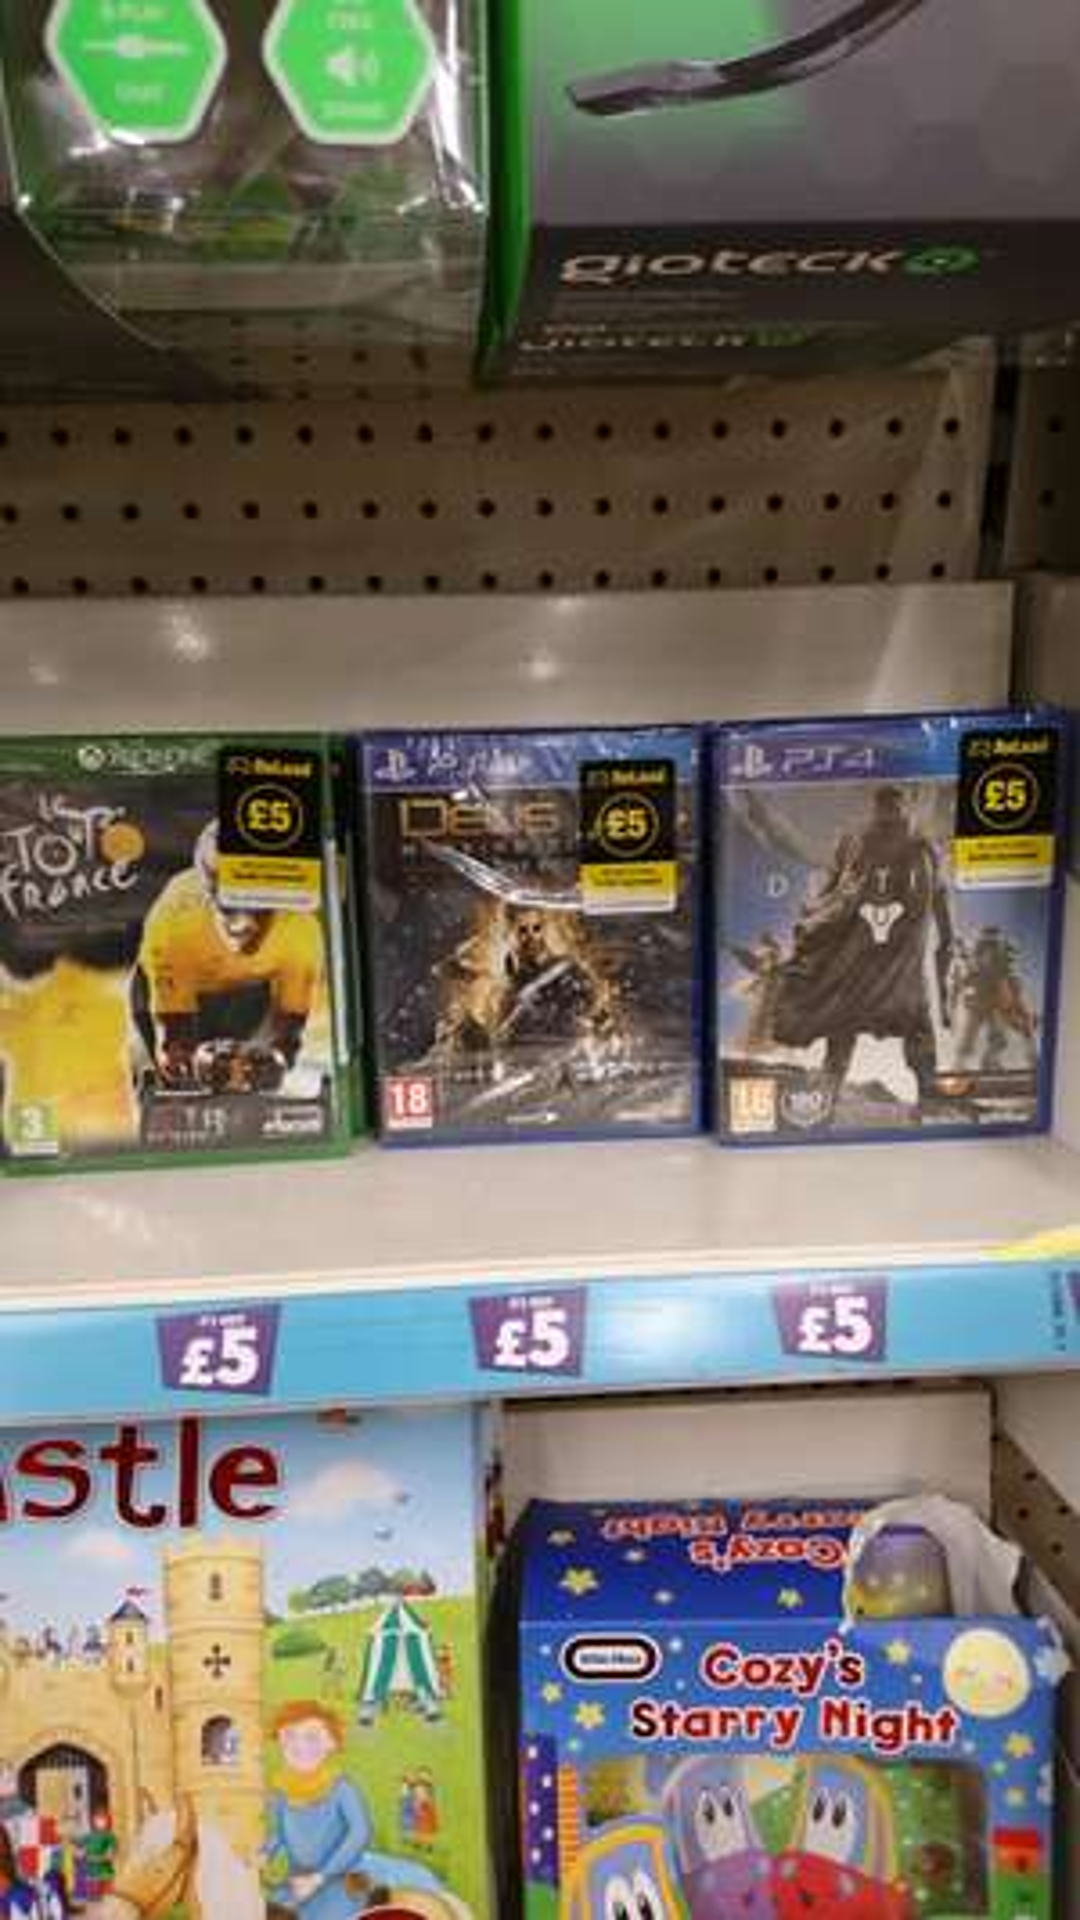 Ps4 and xbox one games such as Deus Ex and Destiny @ poundland - £5